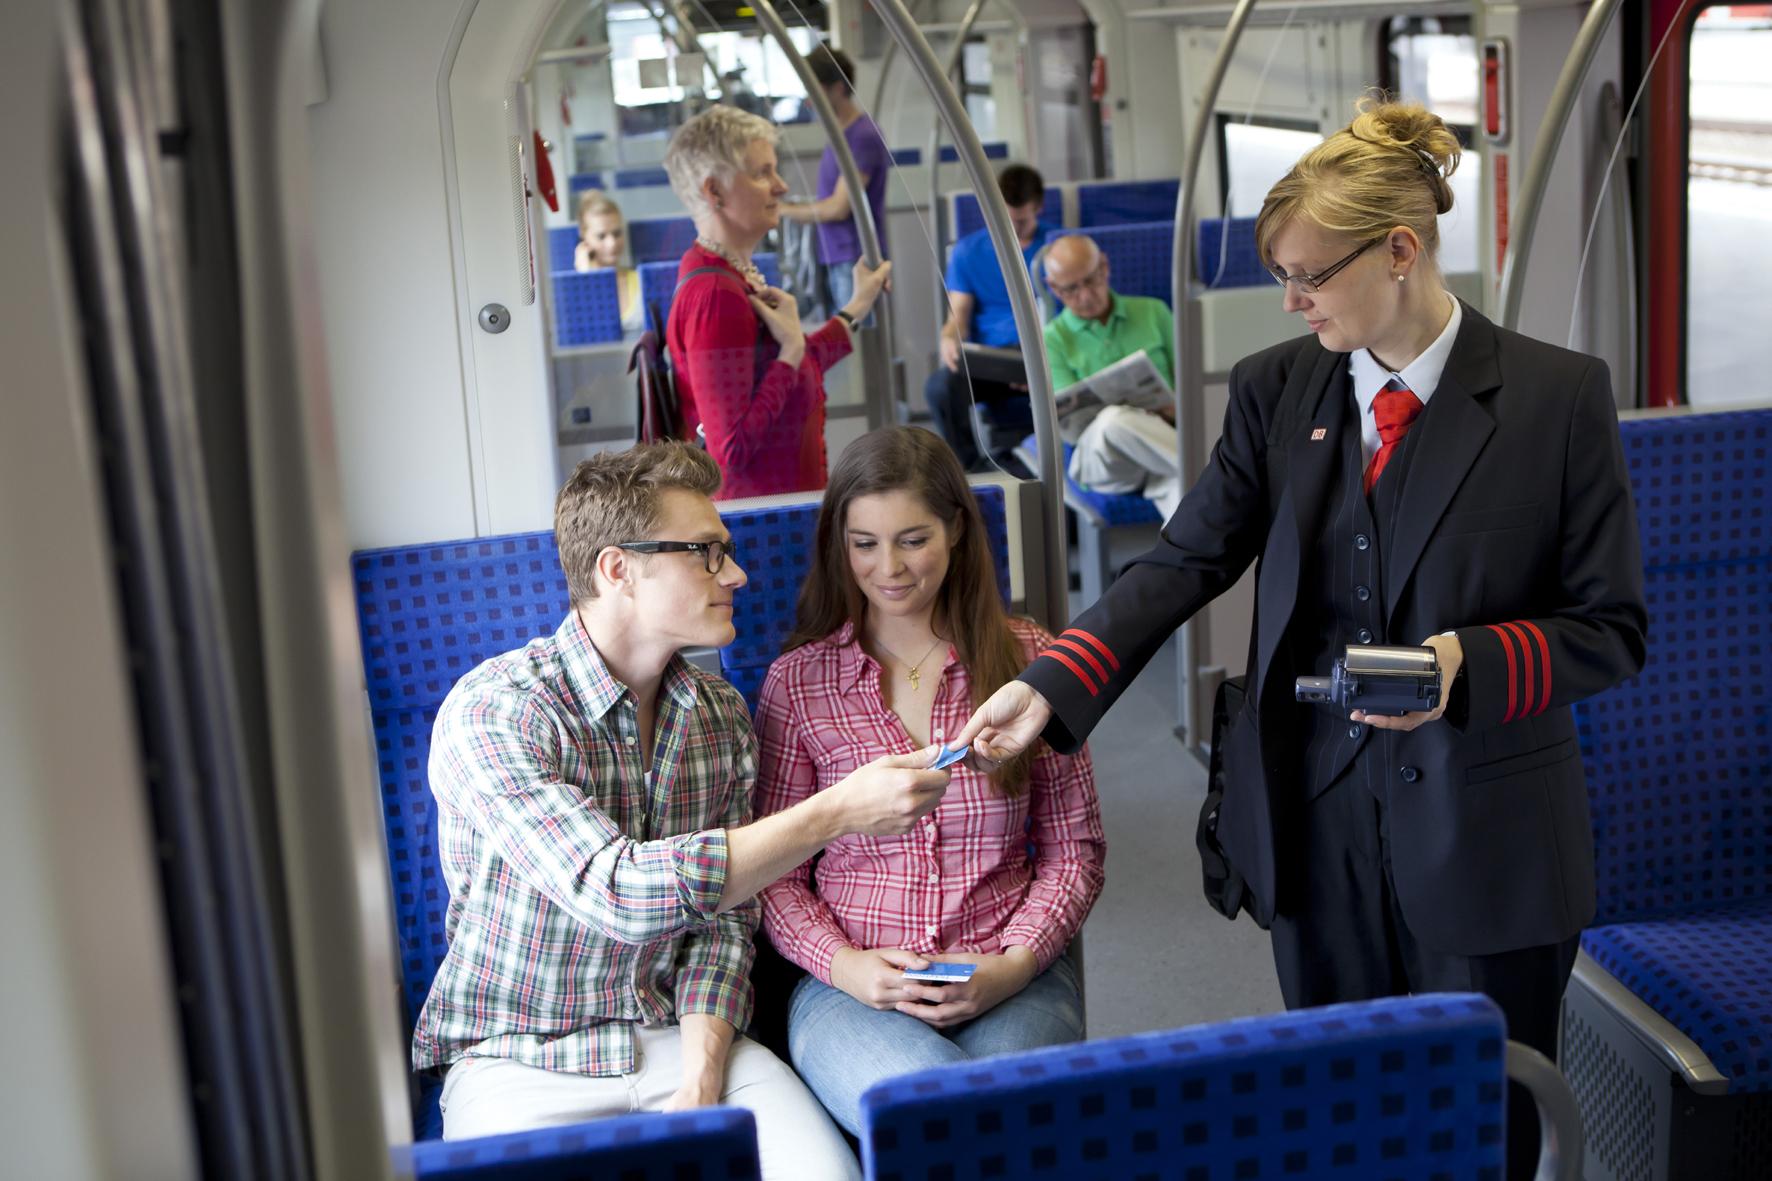 mid Groß-Gerau - Nicht immer geht es im Zug so zivilisiert her wie hier. Daher hat in-tech jetzt eine Notruf-App für Bahnfahrer entwickelt.